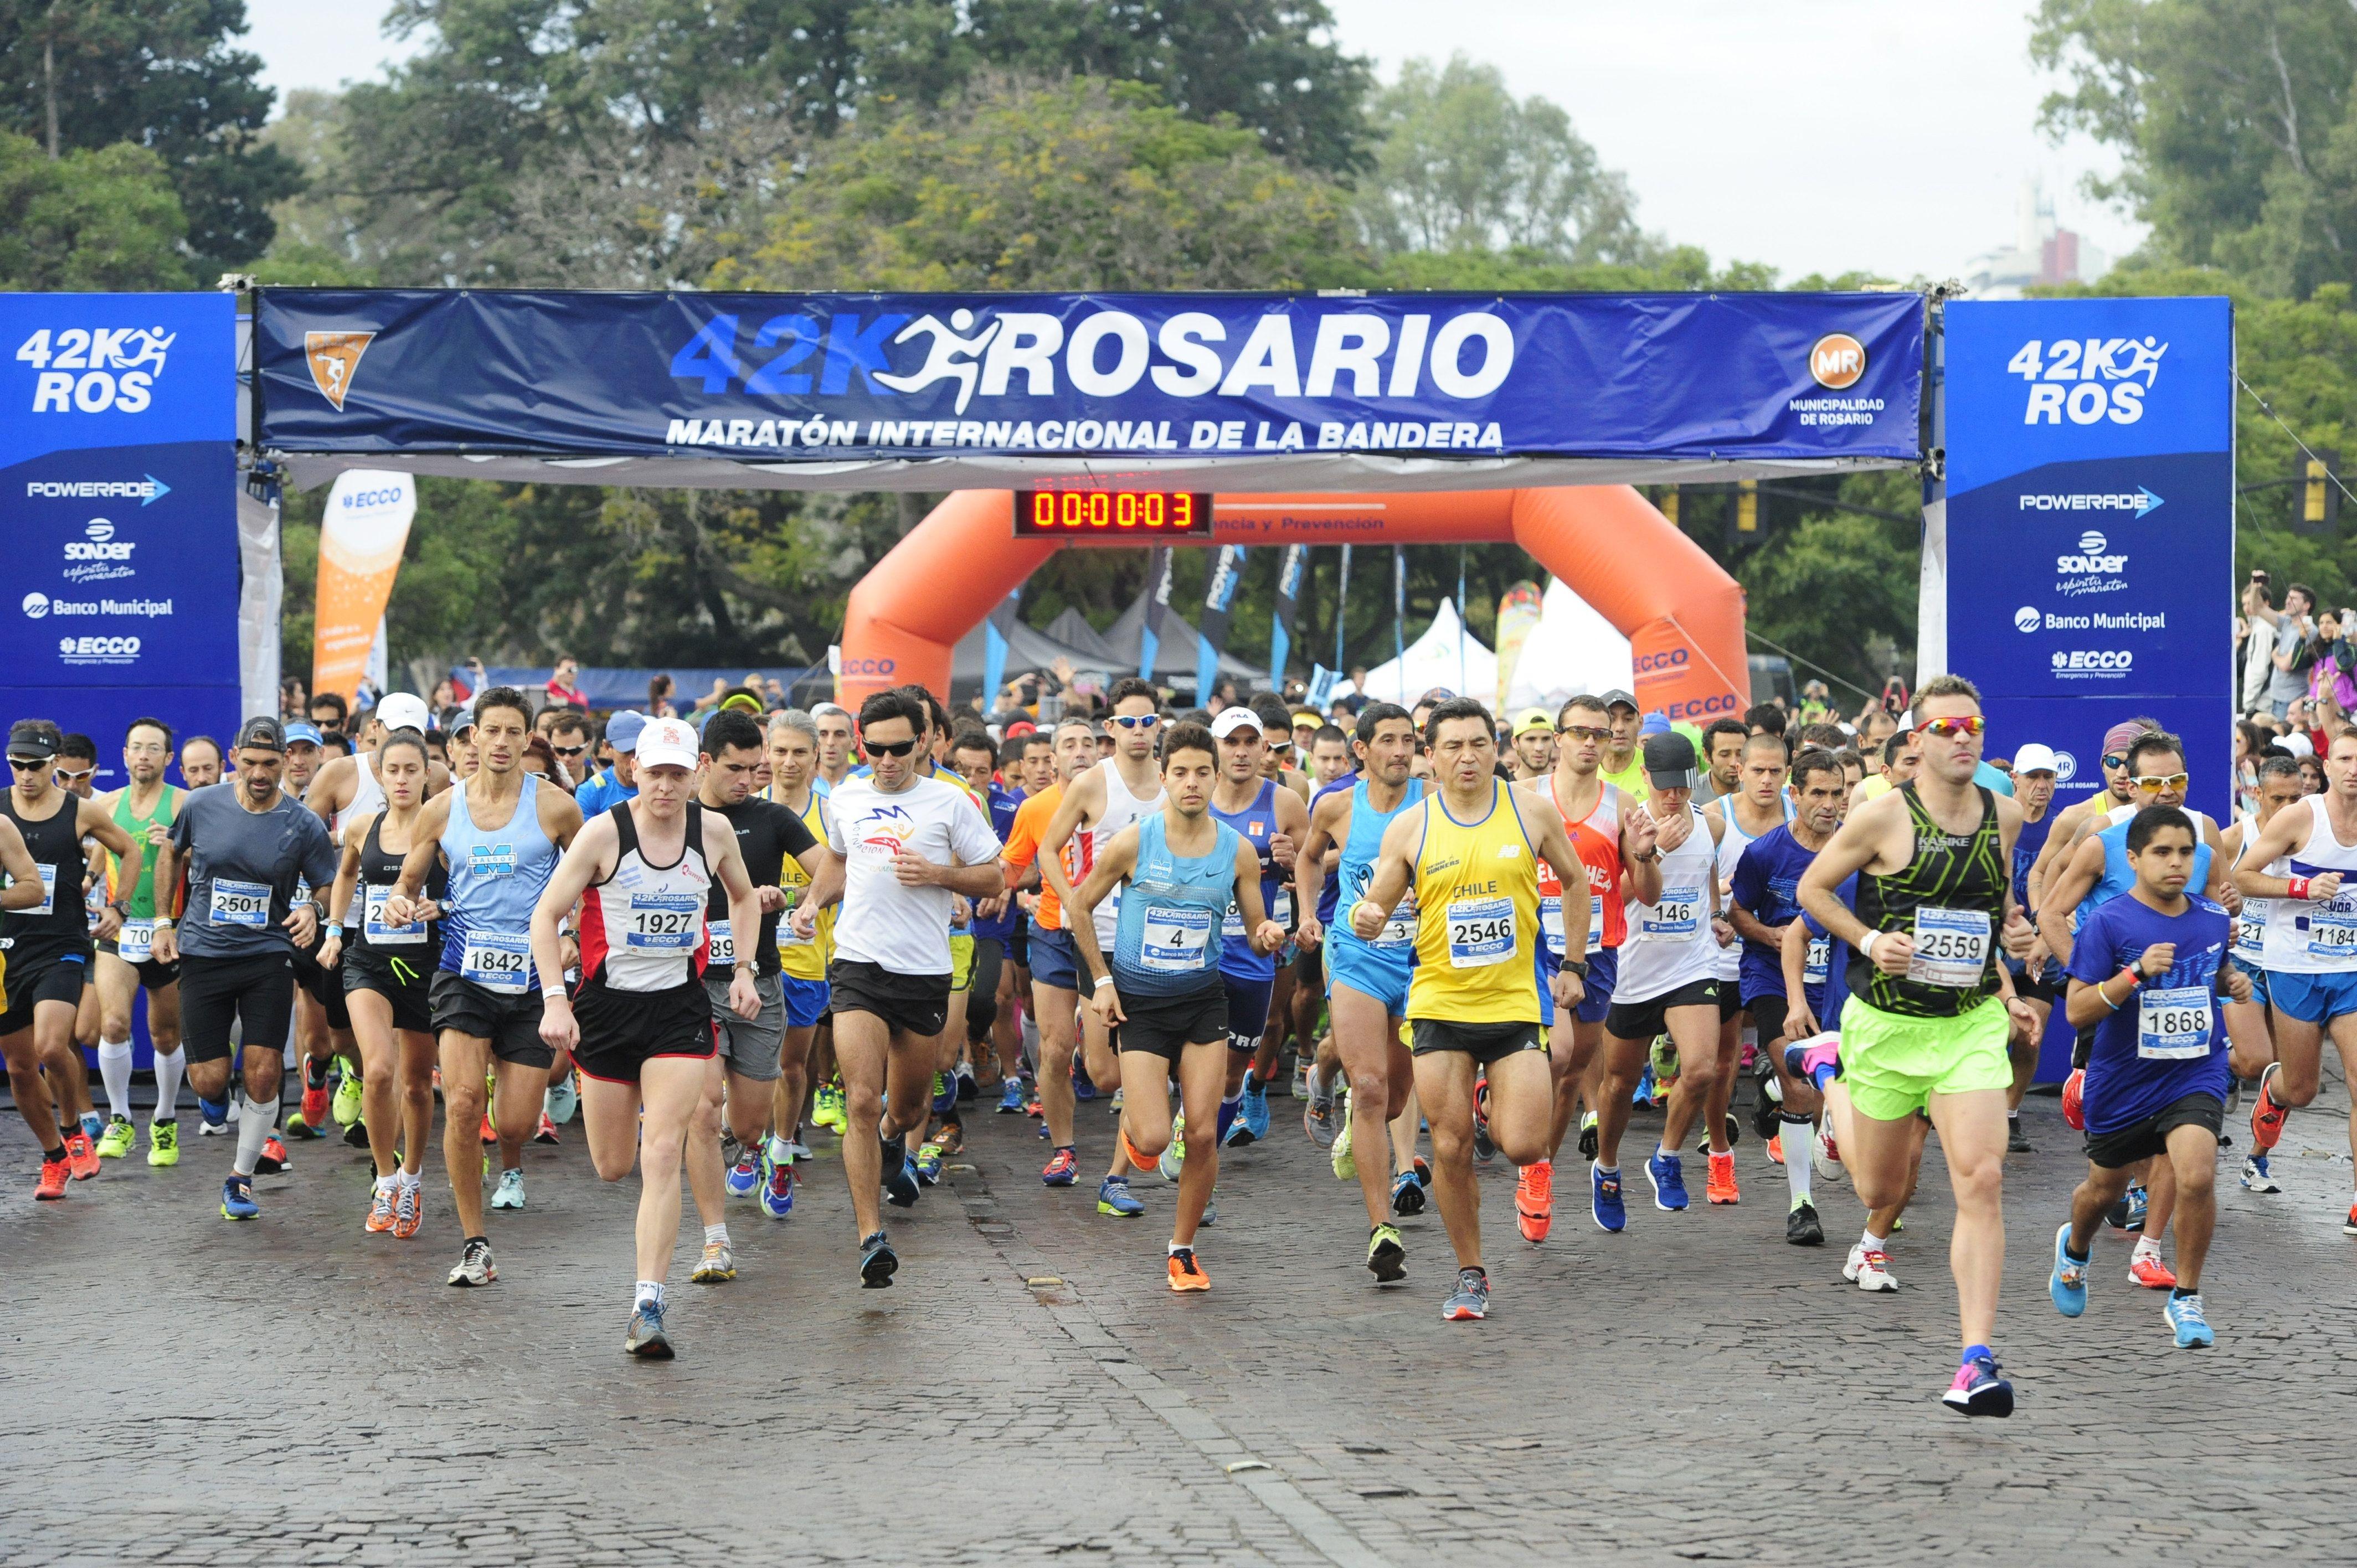 Doce naciones tuvieron algún representante en Rosario. La mayoría fueron de Uruguay y Chile. (Foto: H. Rio)